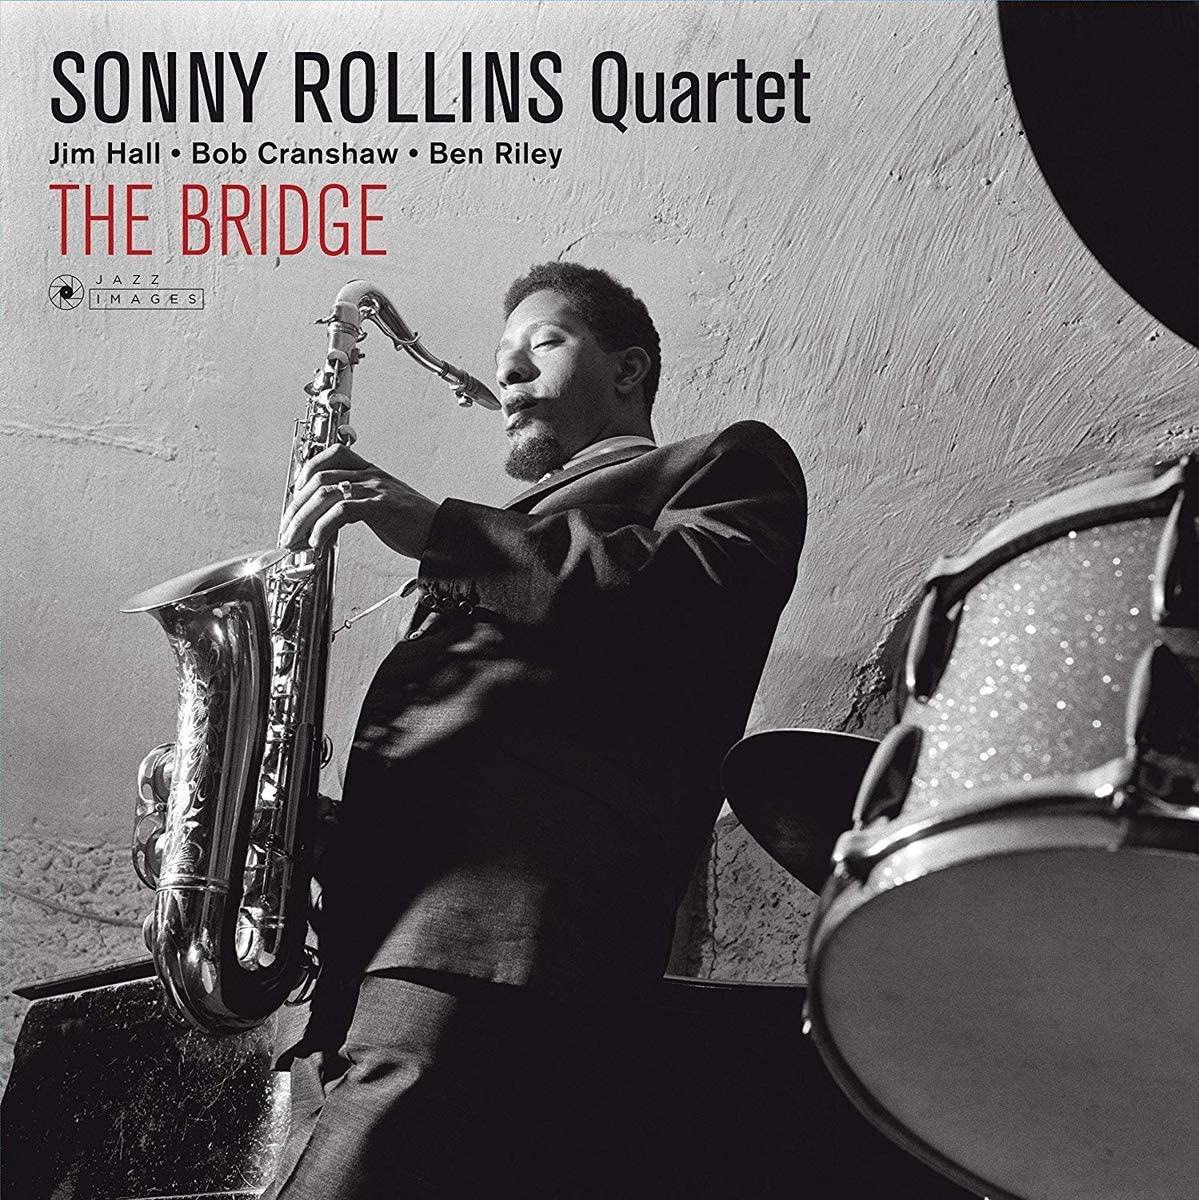 SONNY ROLLINS - THE BRIDGE (GATEFOLD EDITION) (LP)